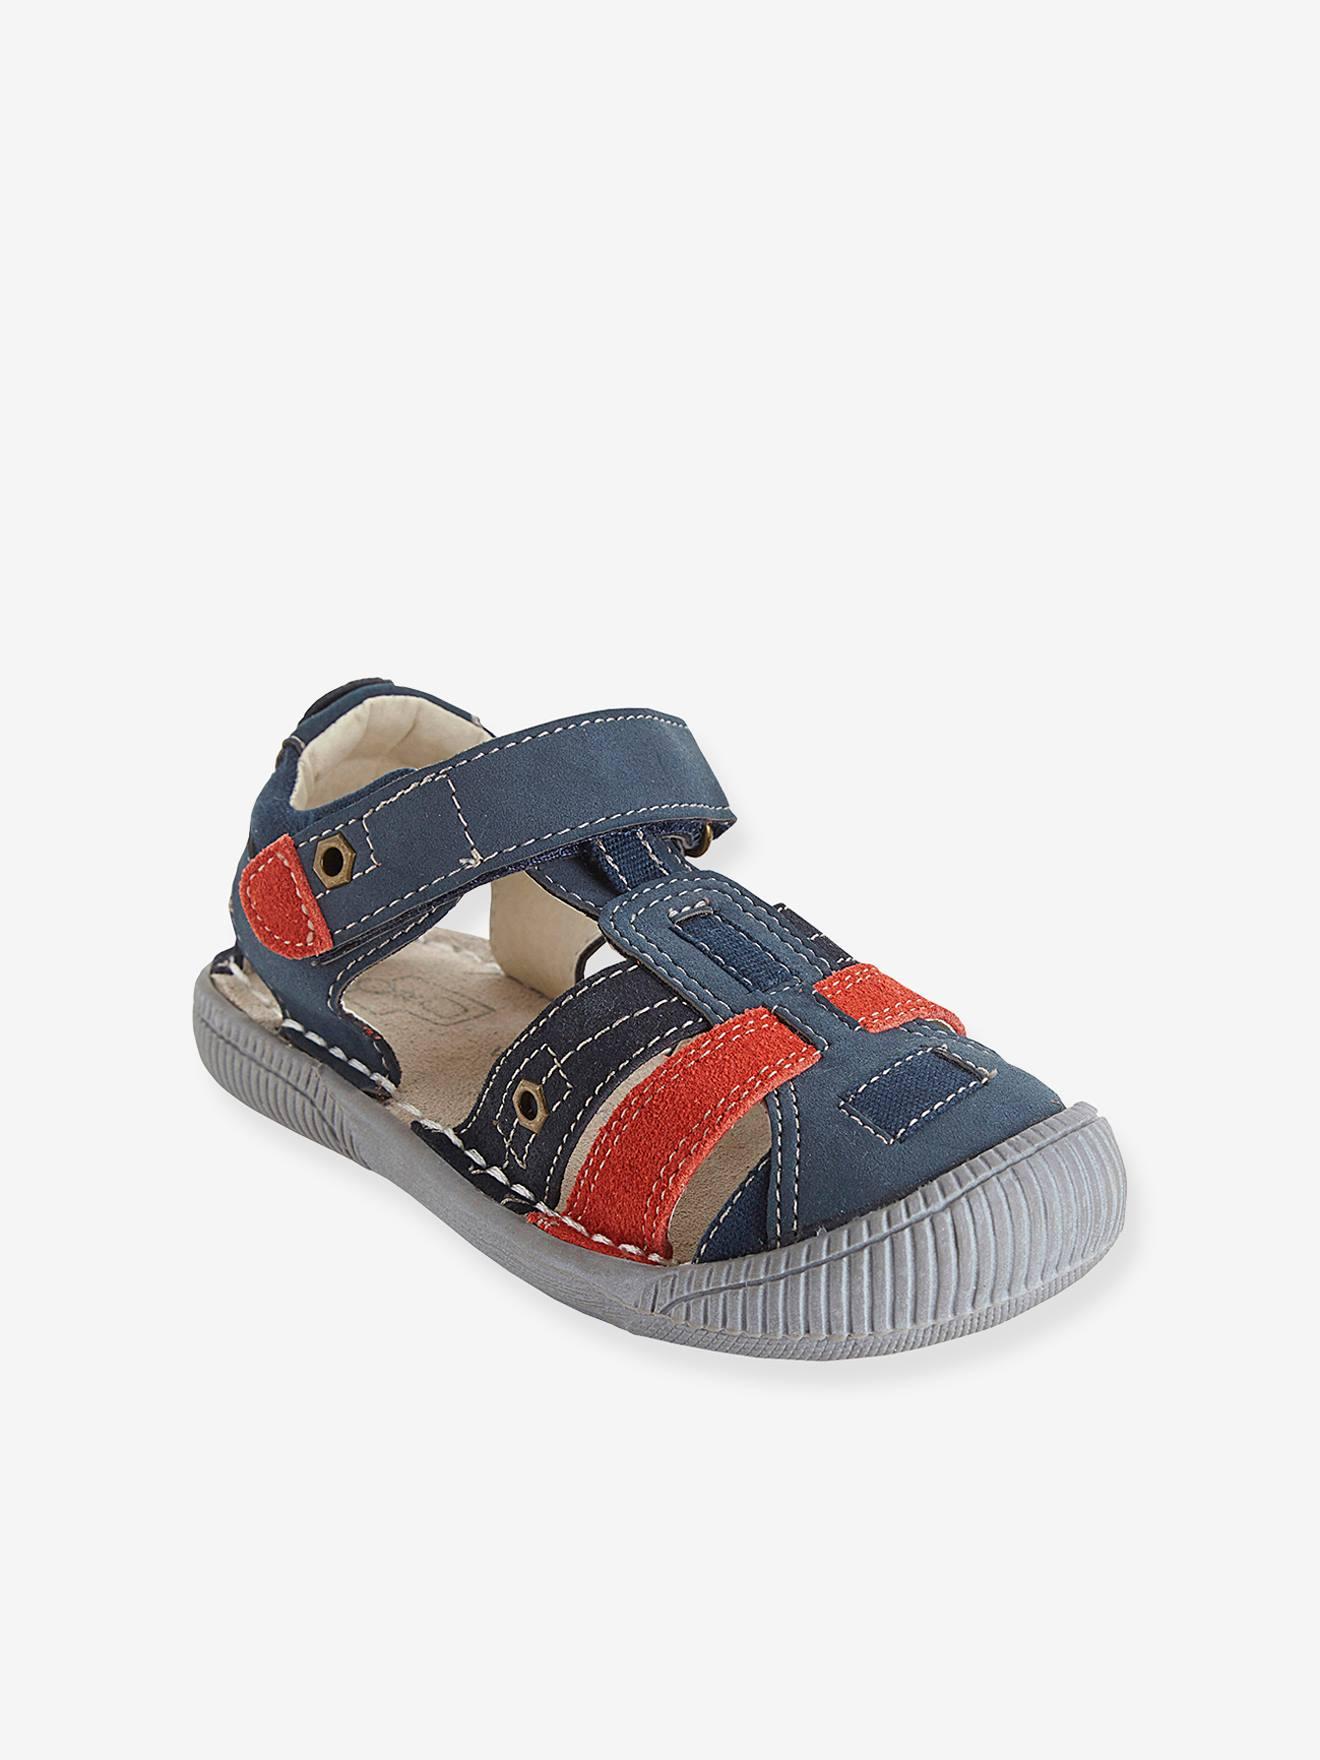 Chaussures - Sandales Bleues Les Copains Q3lPzYZY